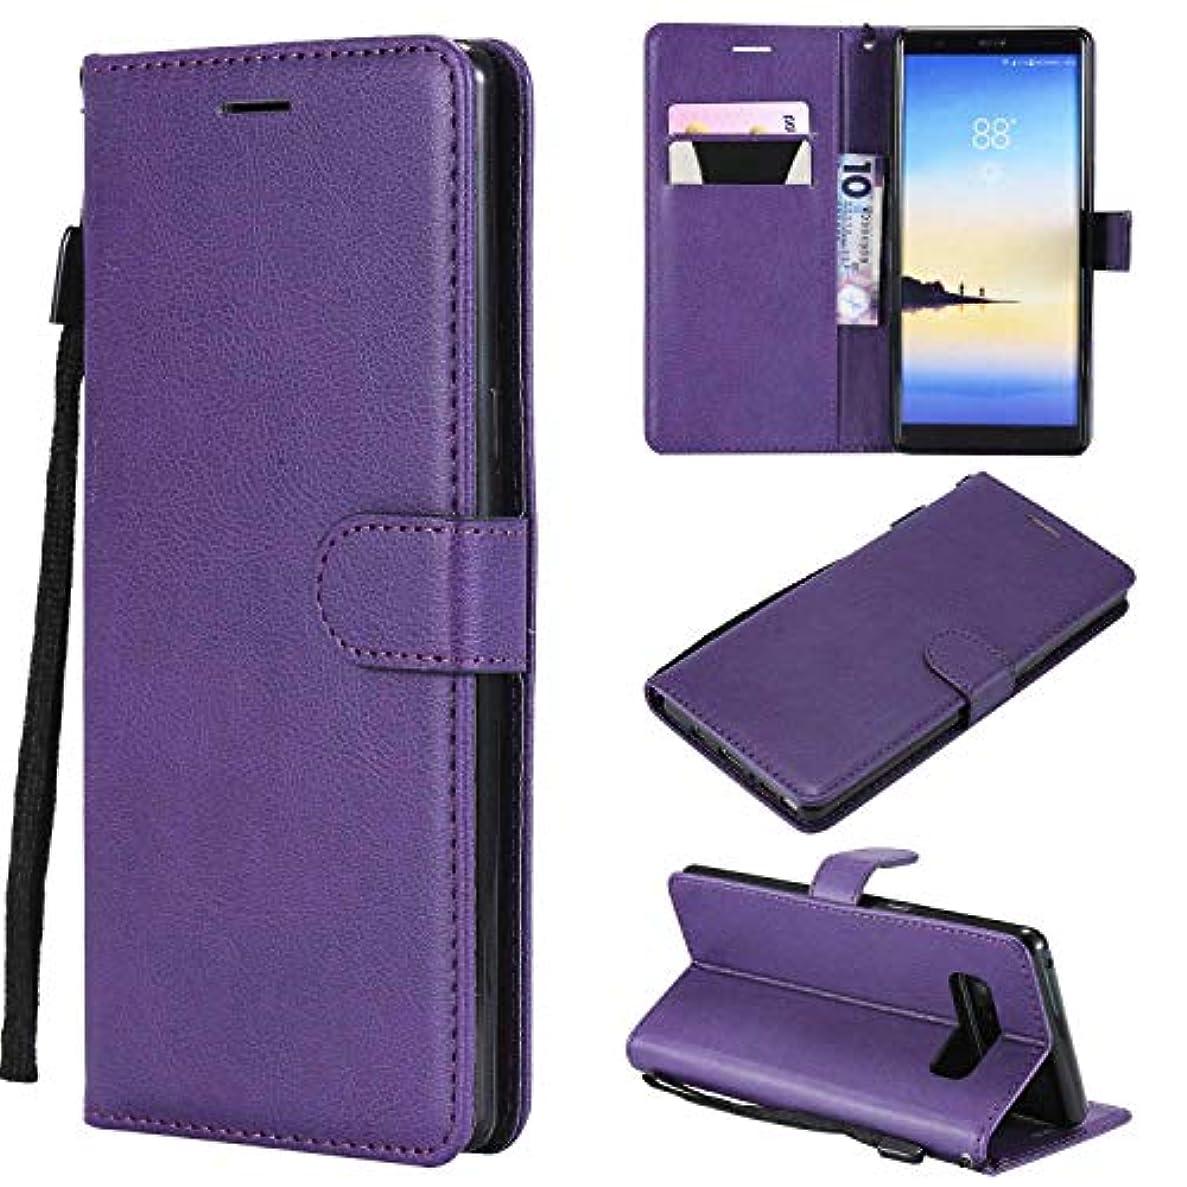 公園電卓飛躍Galaxy Note 8 ケース手帳型 OMATENTI レザー 革 薄型 手帳型カバー カード入れ スタンド機能 サムスン Galaxy Note 8 おしゃれ 手帳ケース (5-パープル)